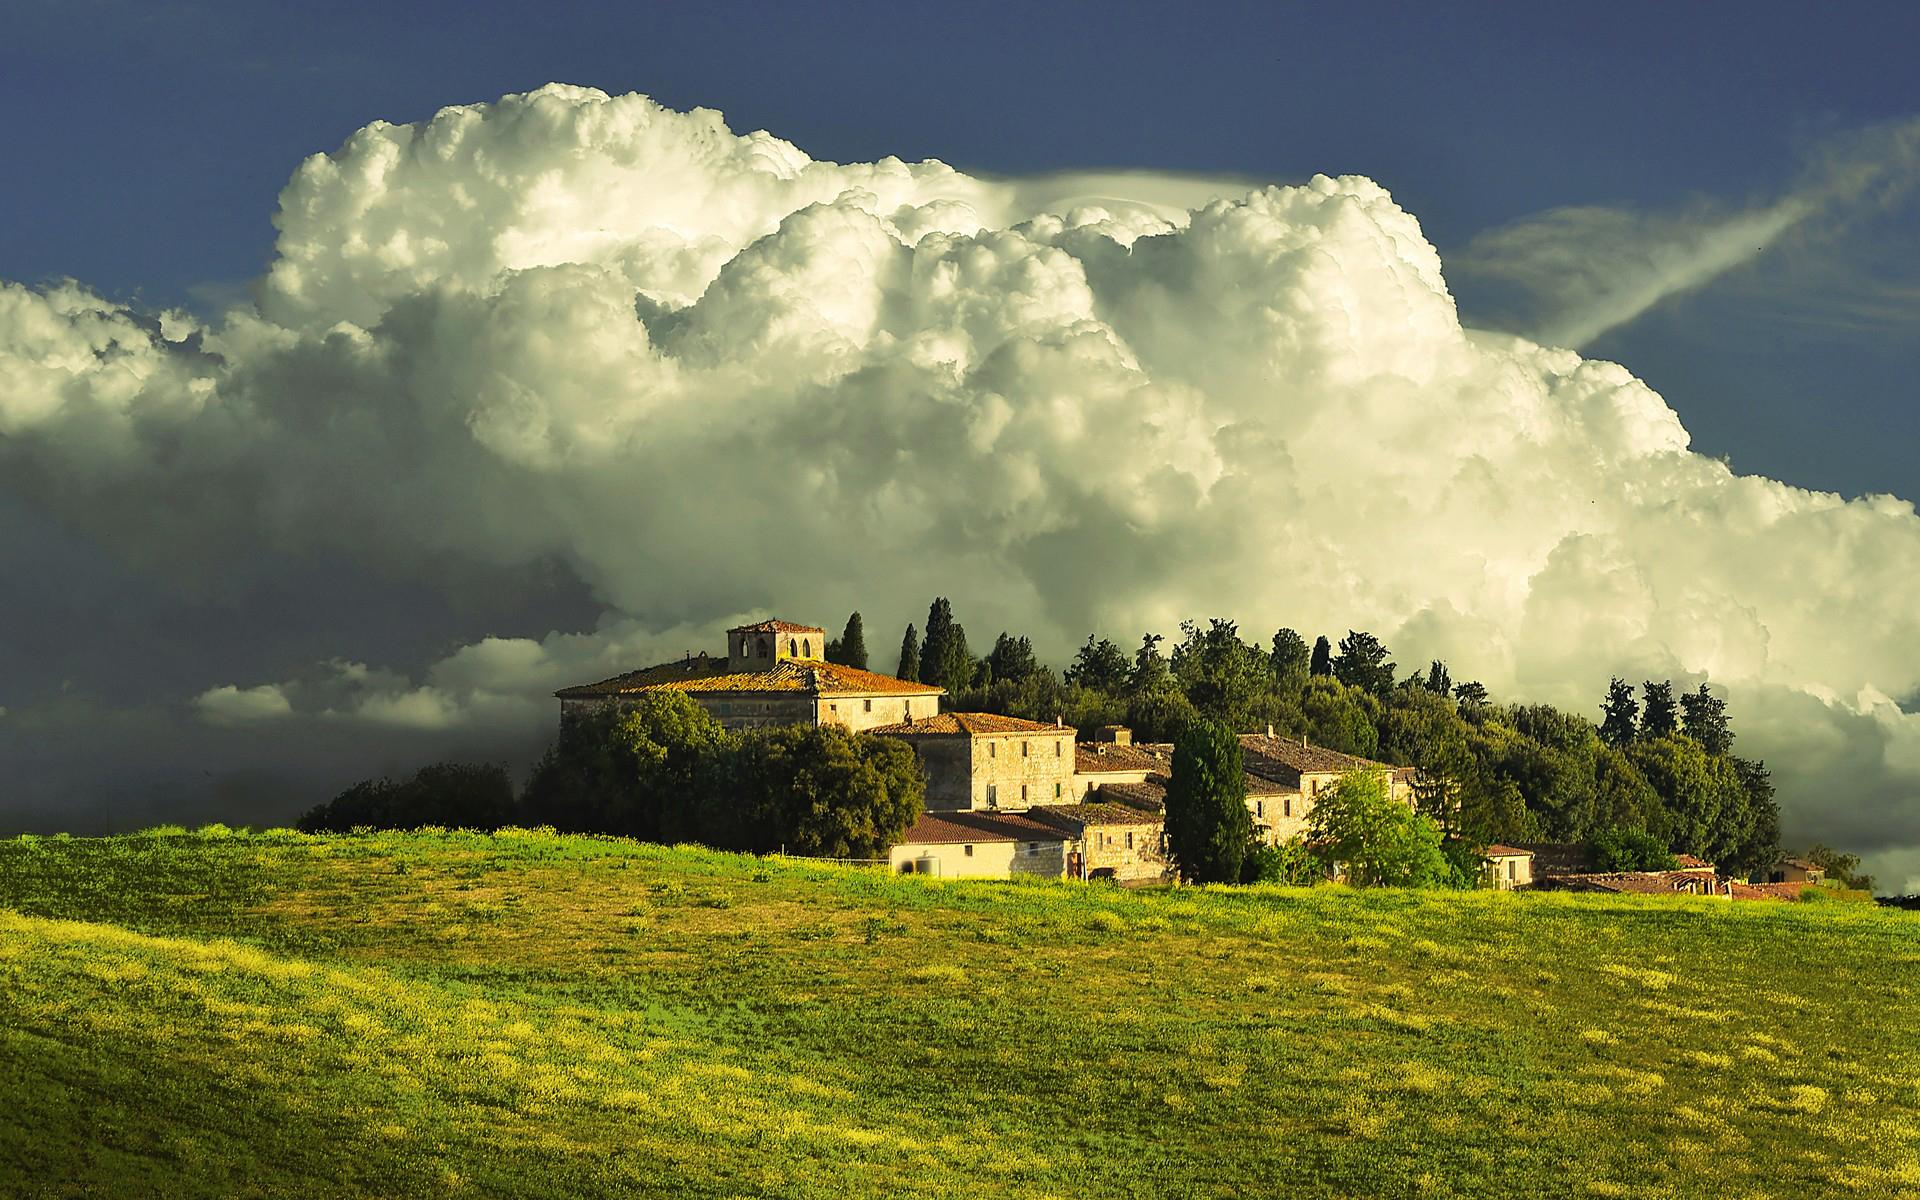 ... Tuscany under heaven ...